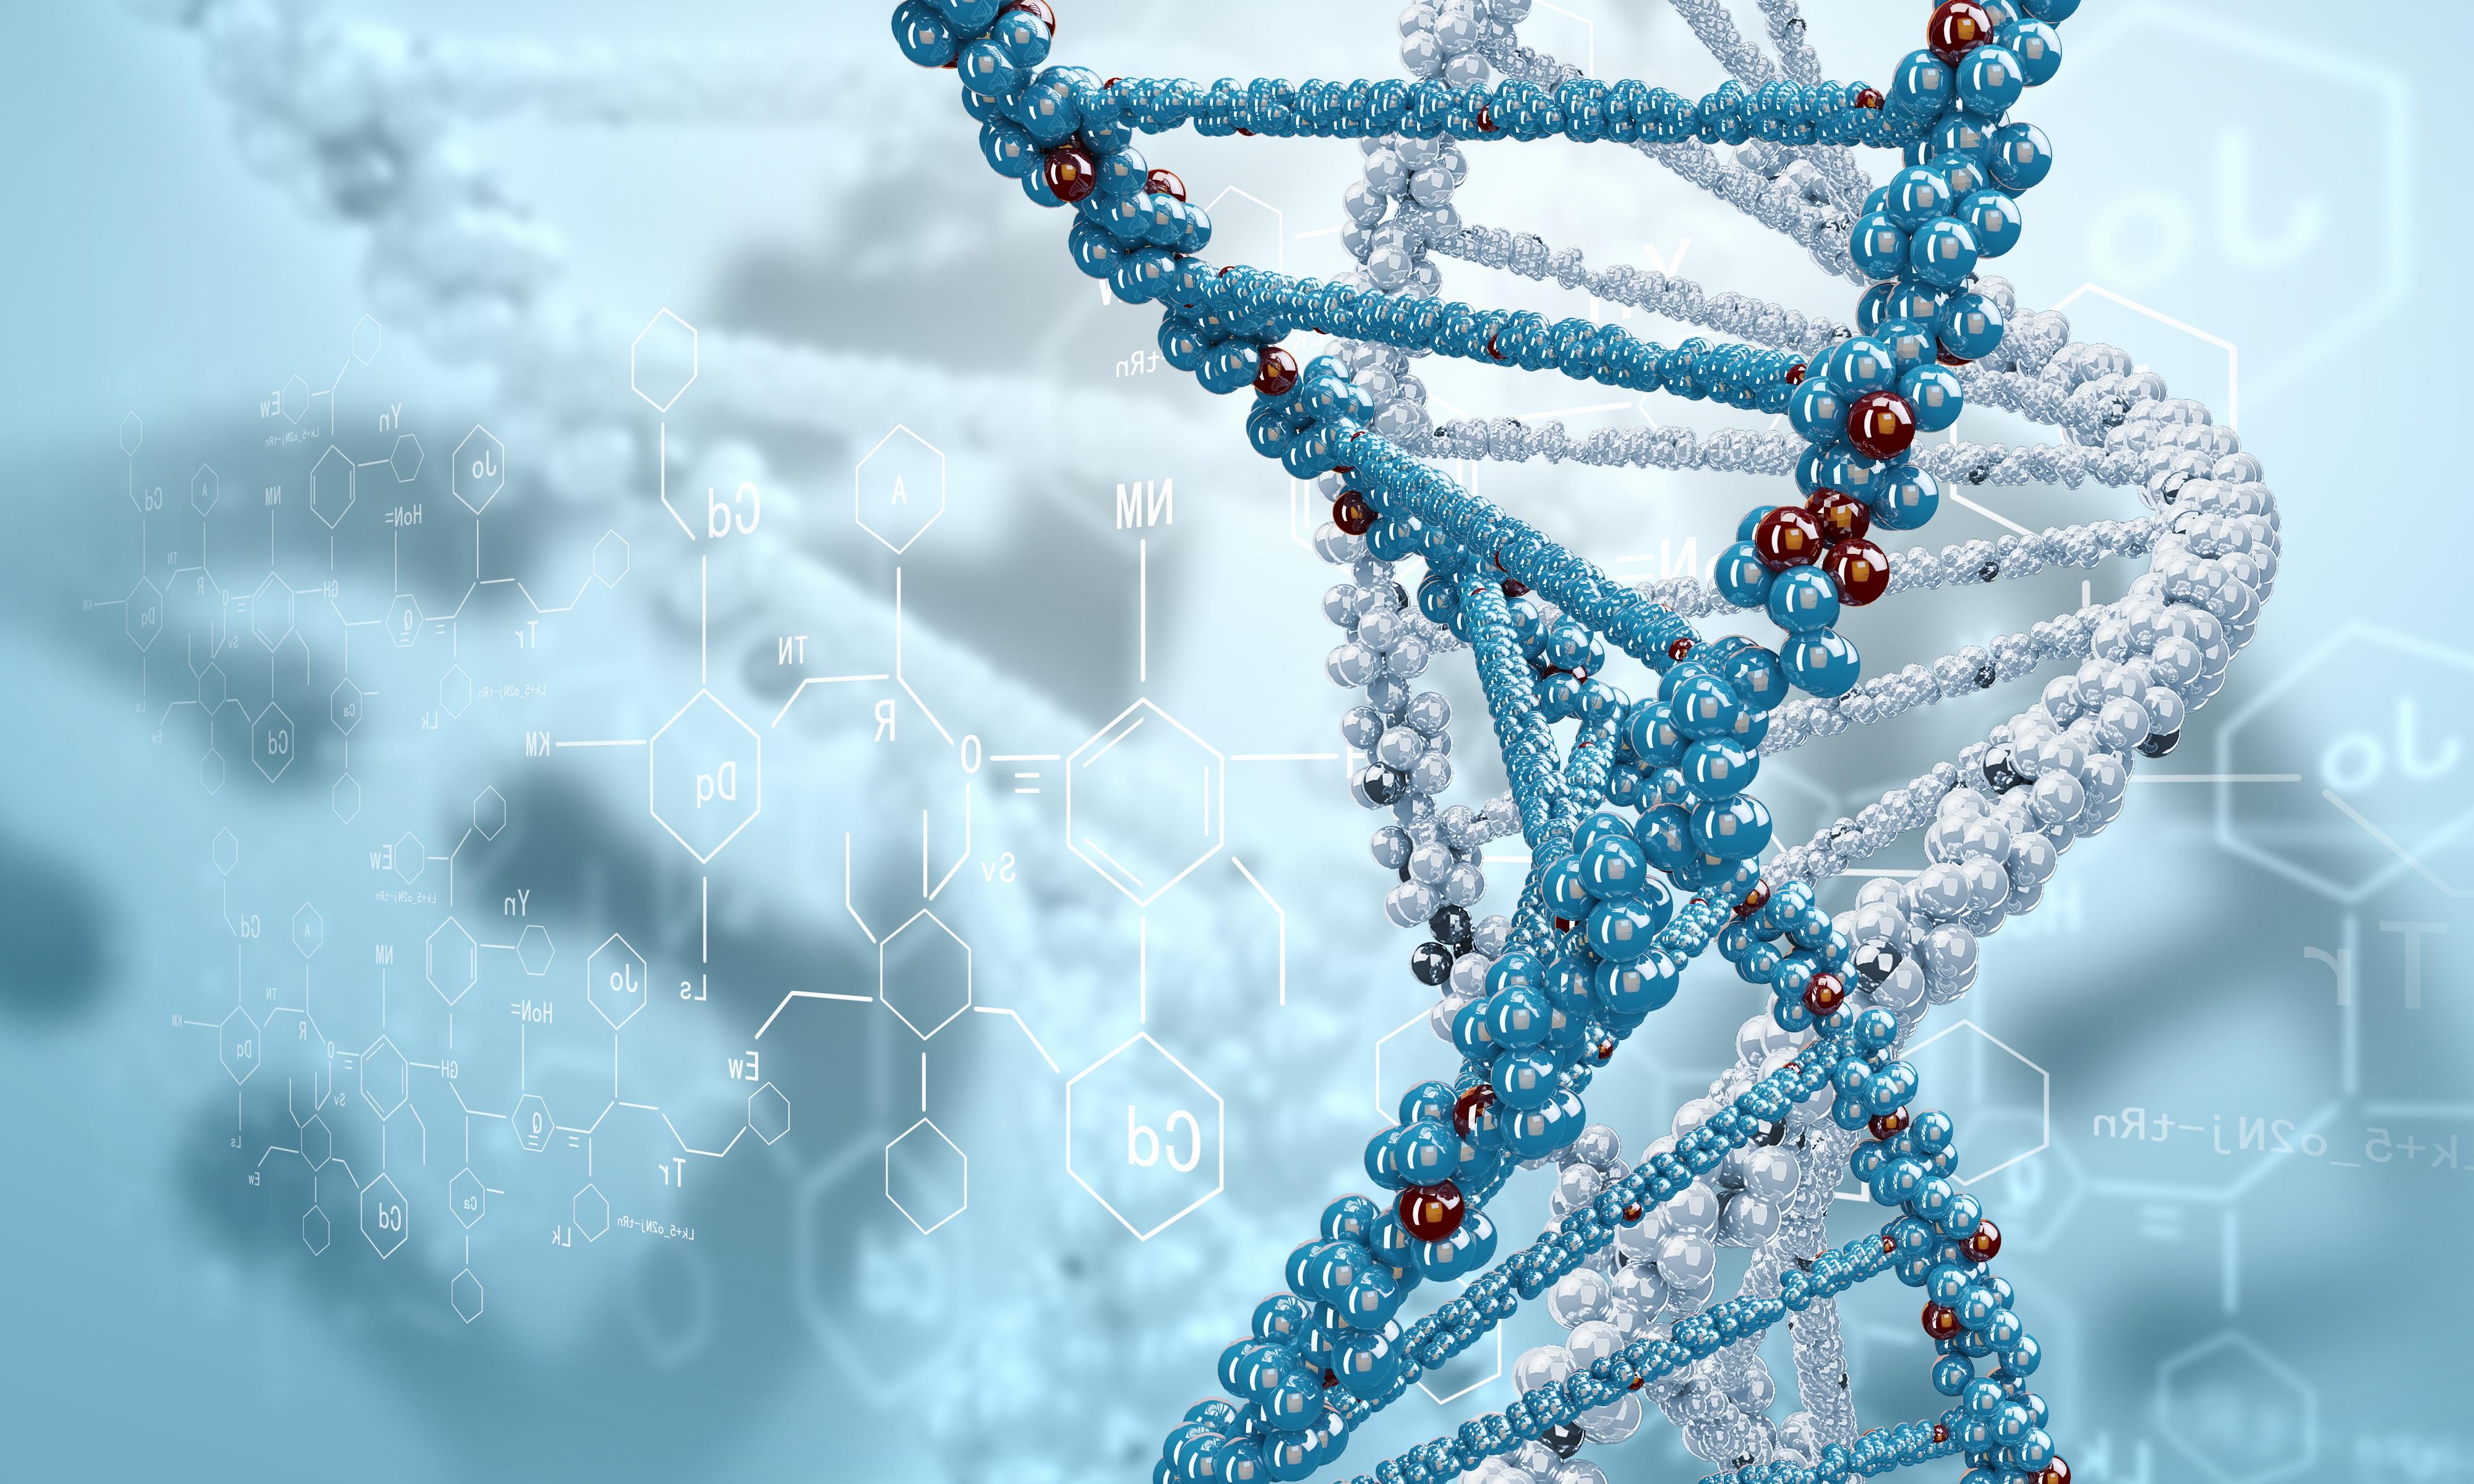 3D DNA Wallpaper HD 4000x2400